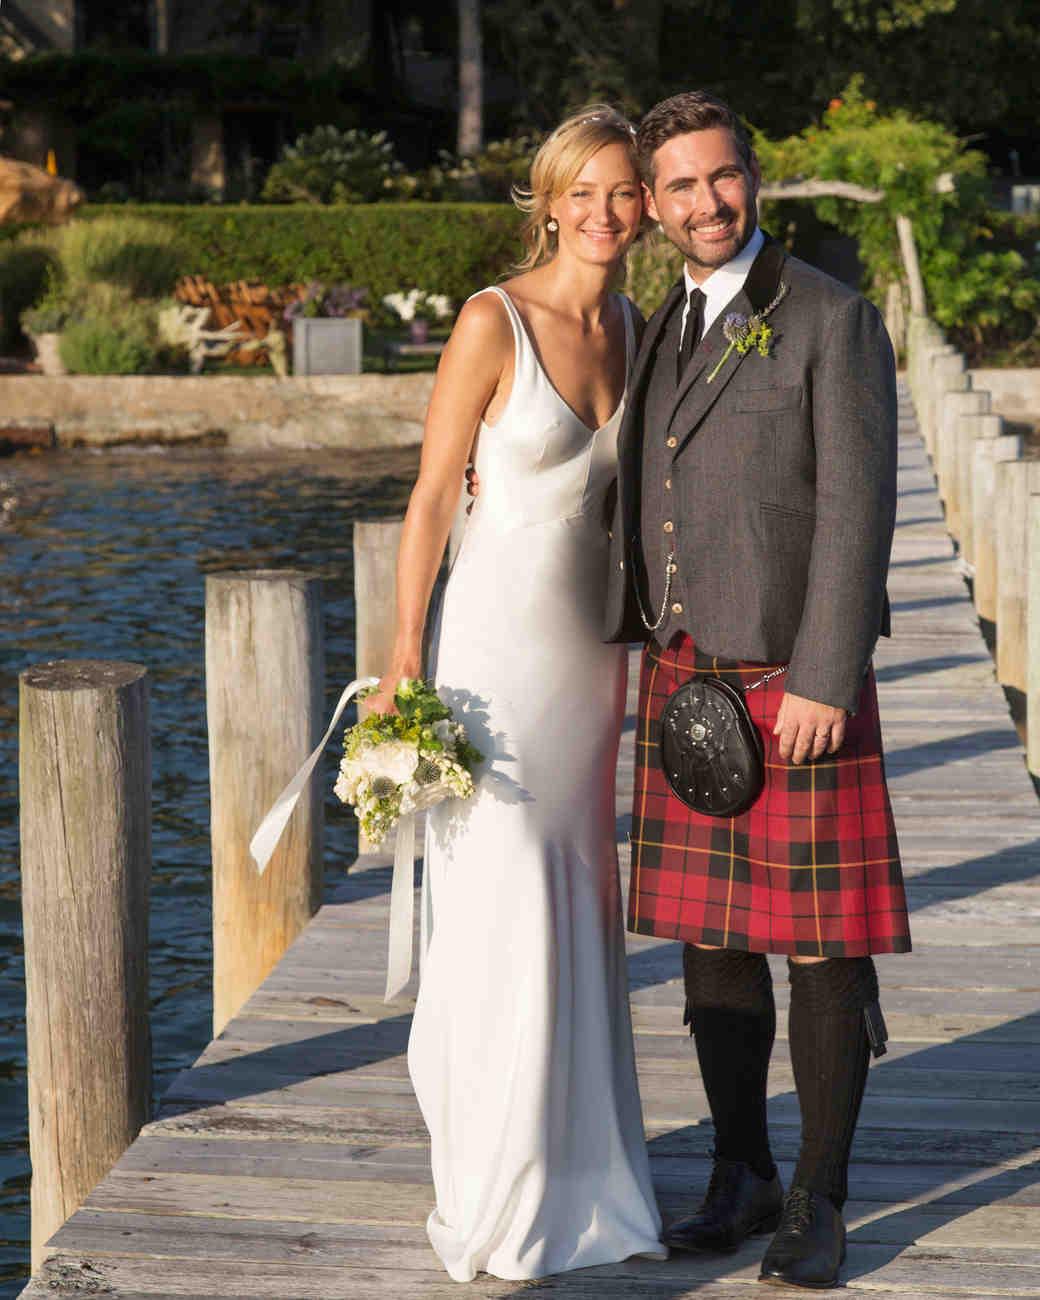 emily sam wedding couple kilt